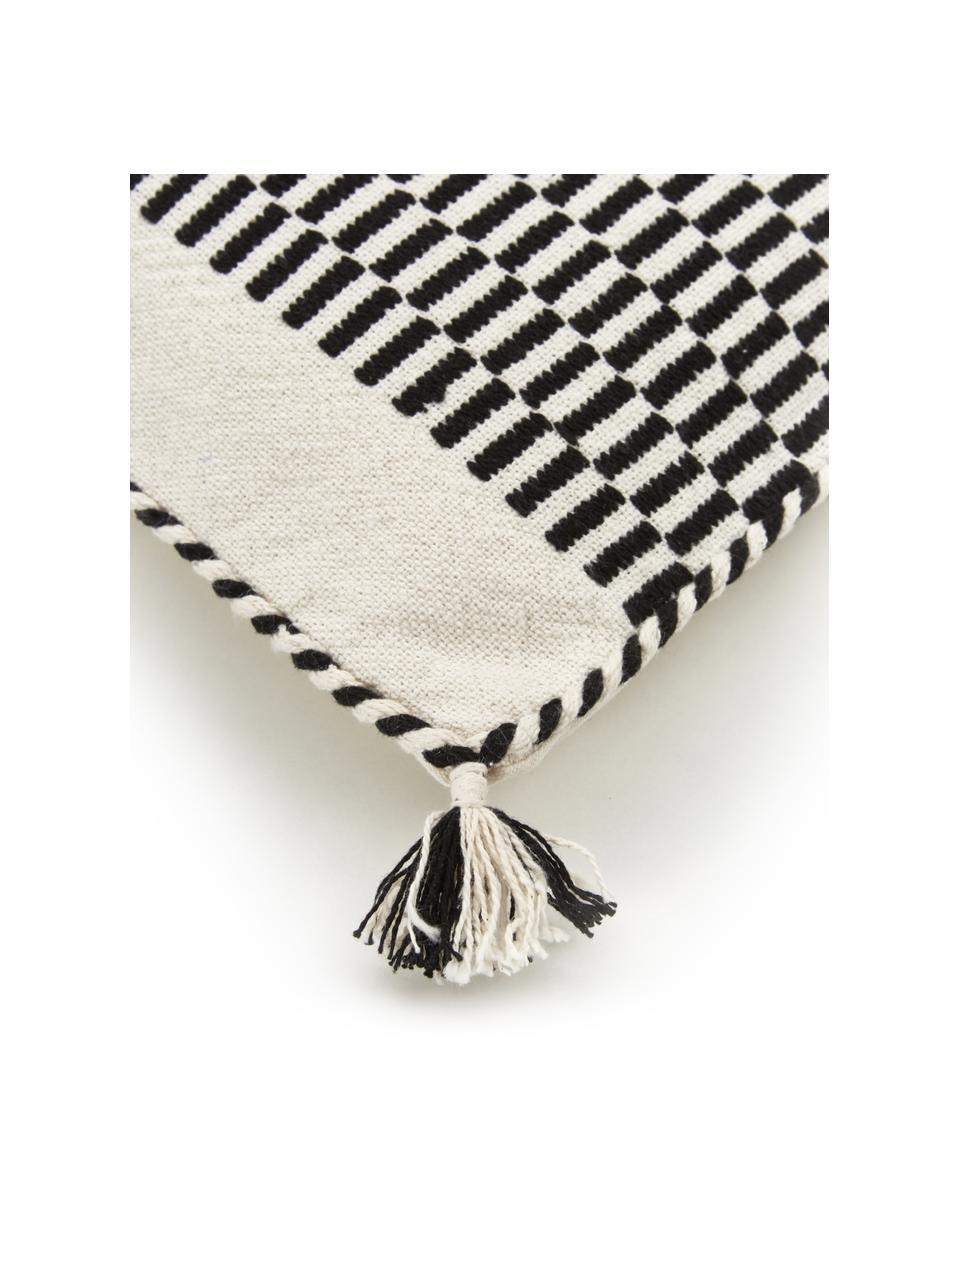 Housse de coussin 45x45 ethnique Okiro, Beige, noir